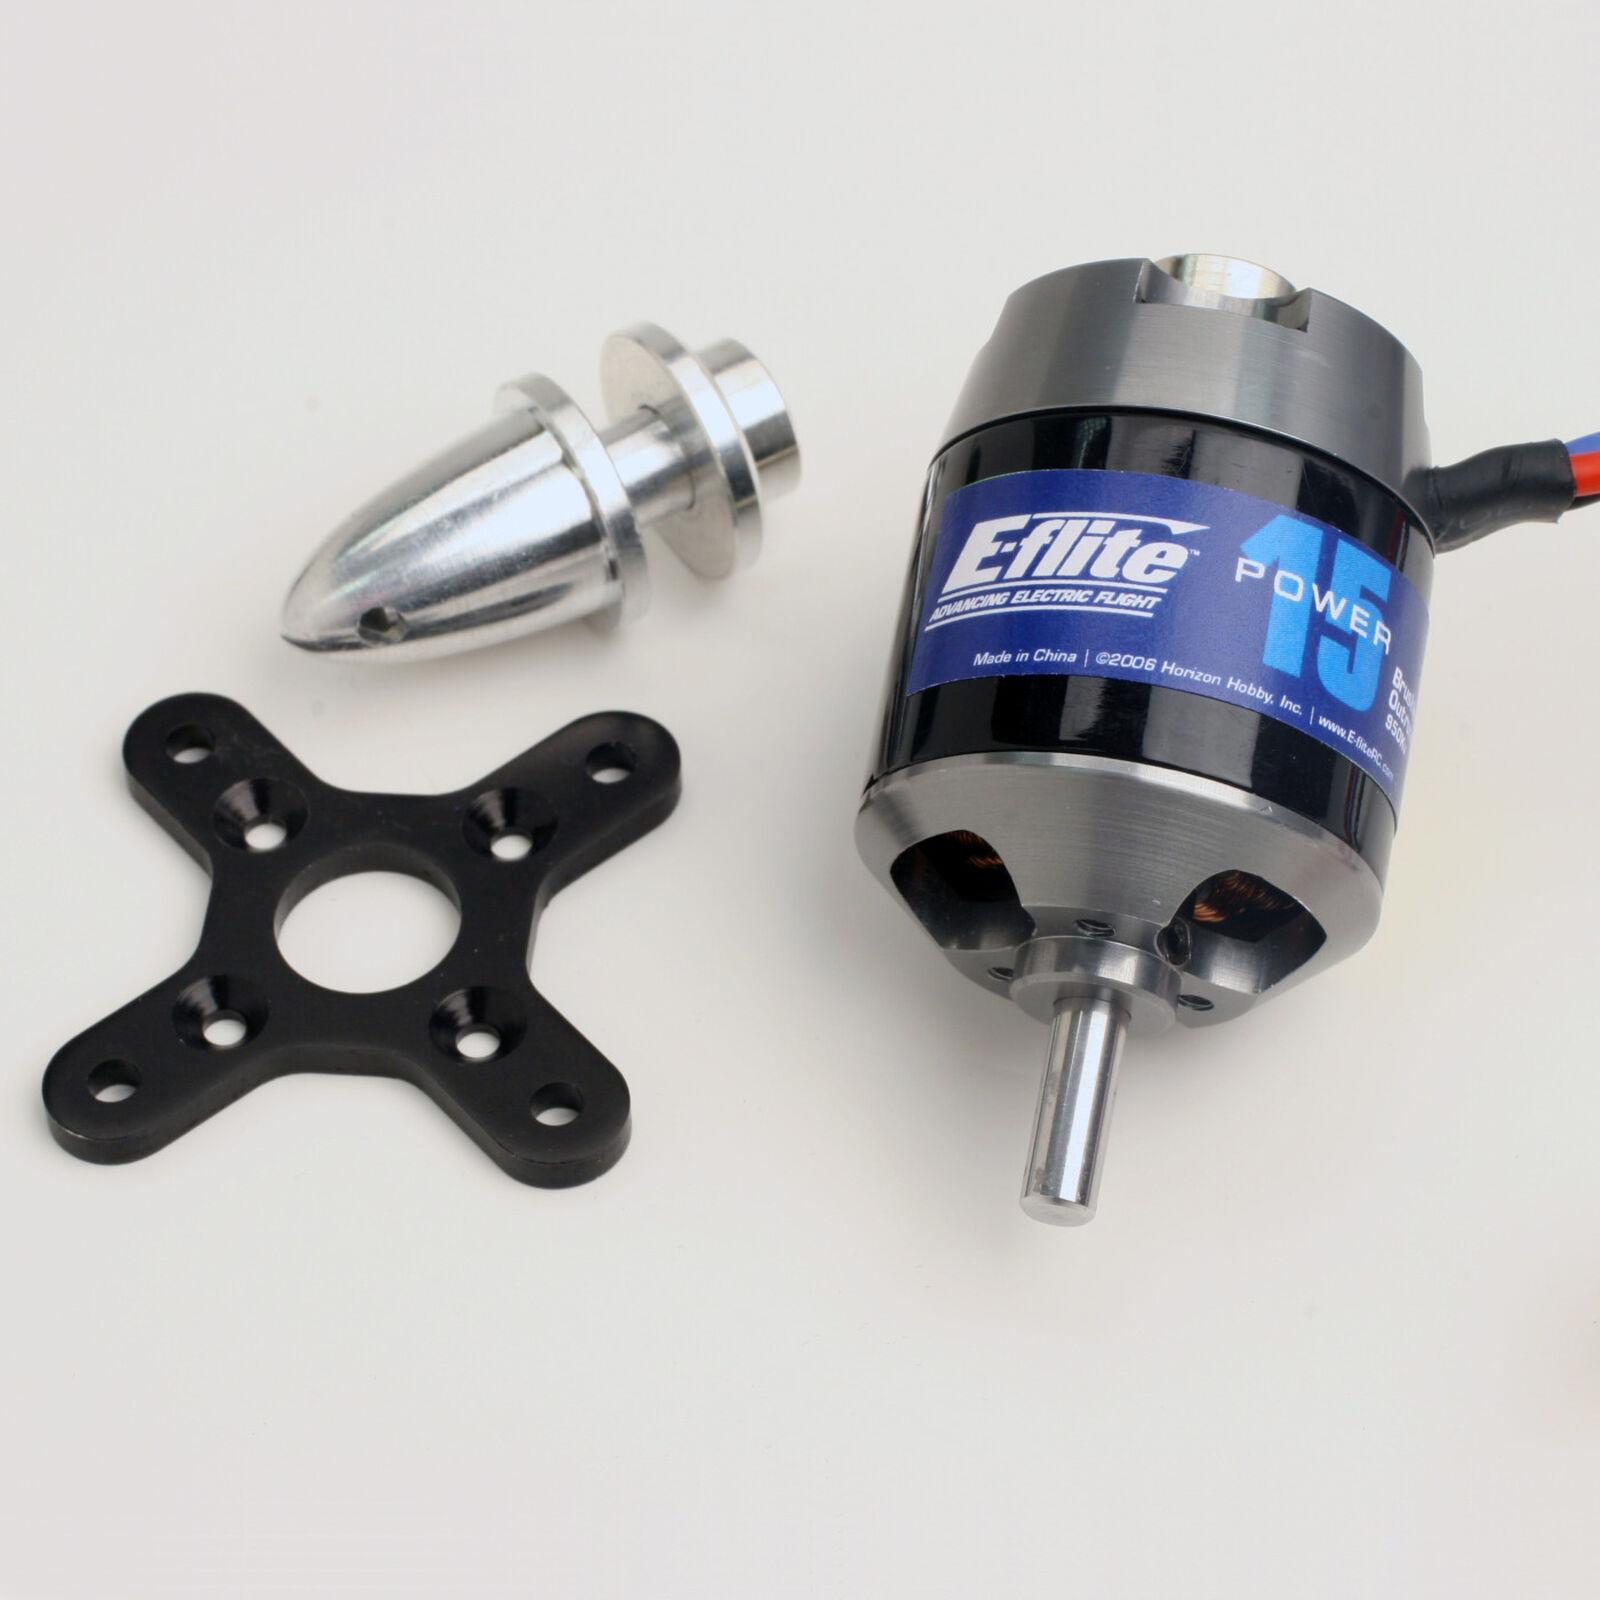 Power 15 Brushless Outrunner Motor, 950Kv: 3.5mm Bullet